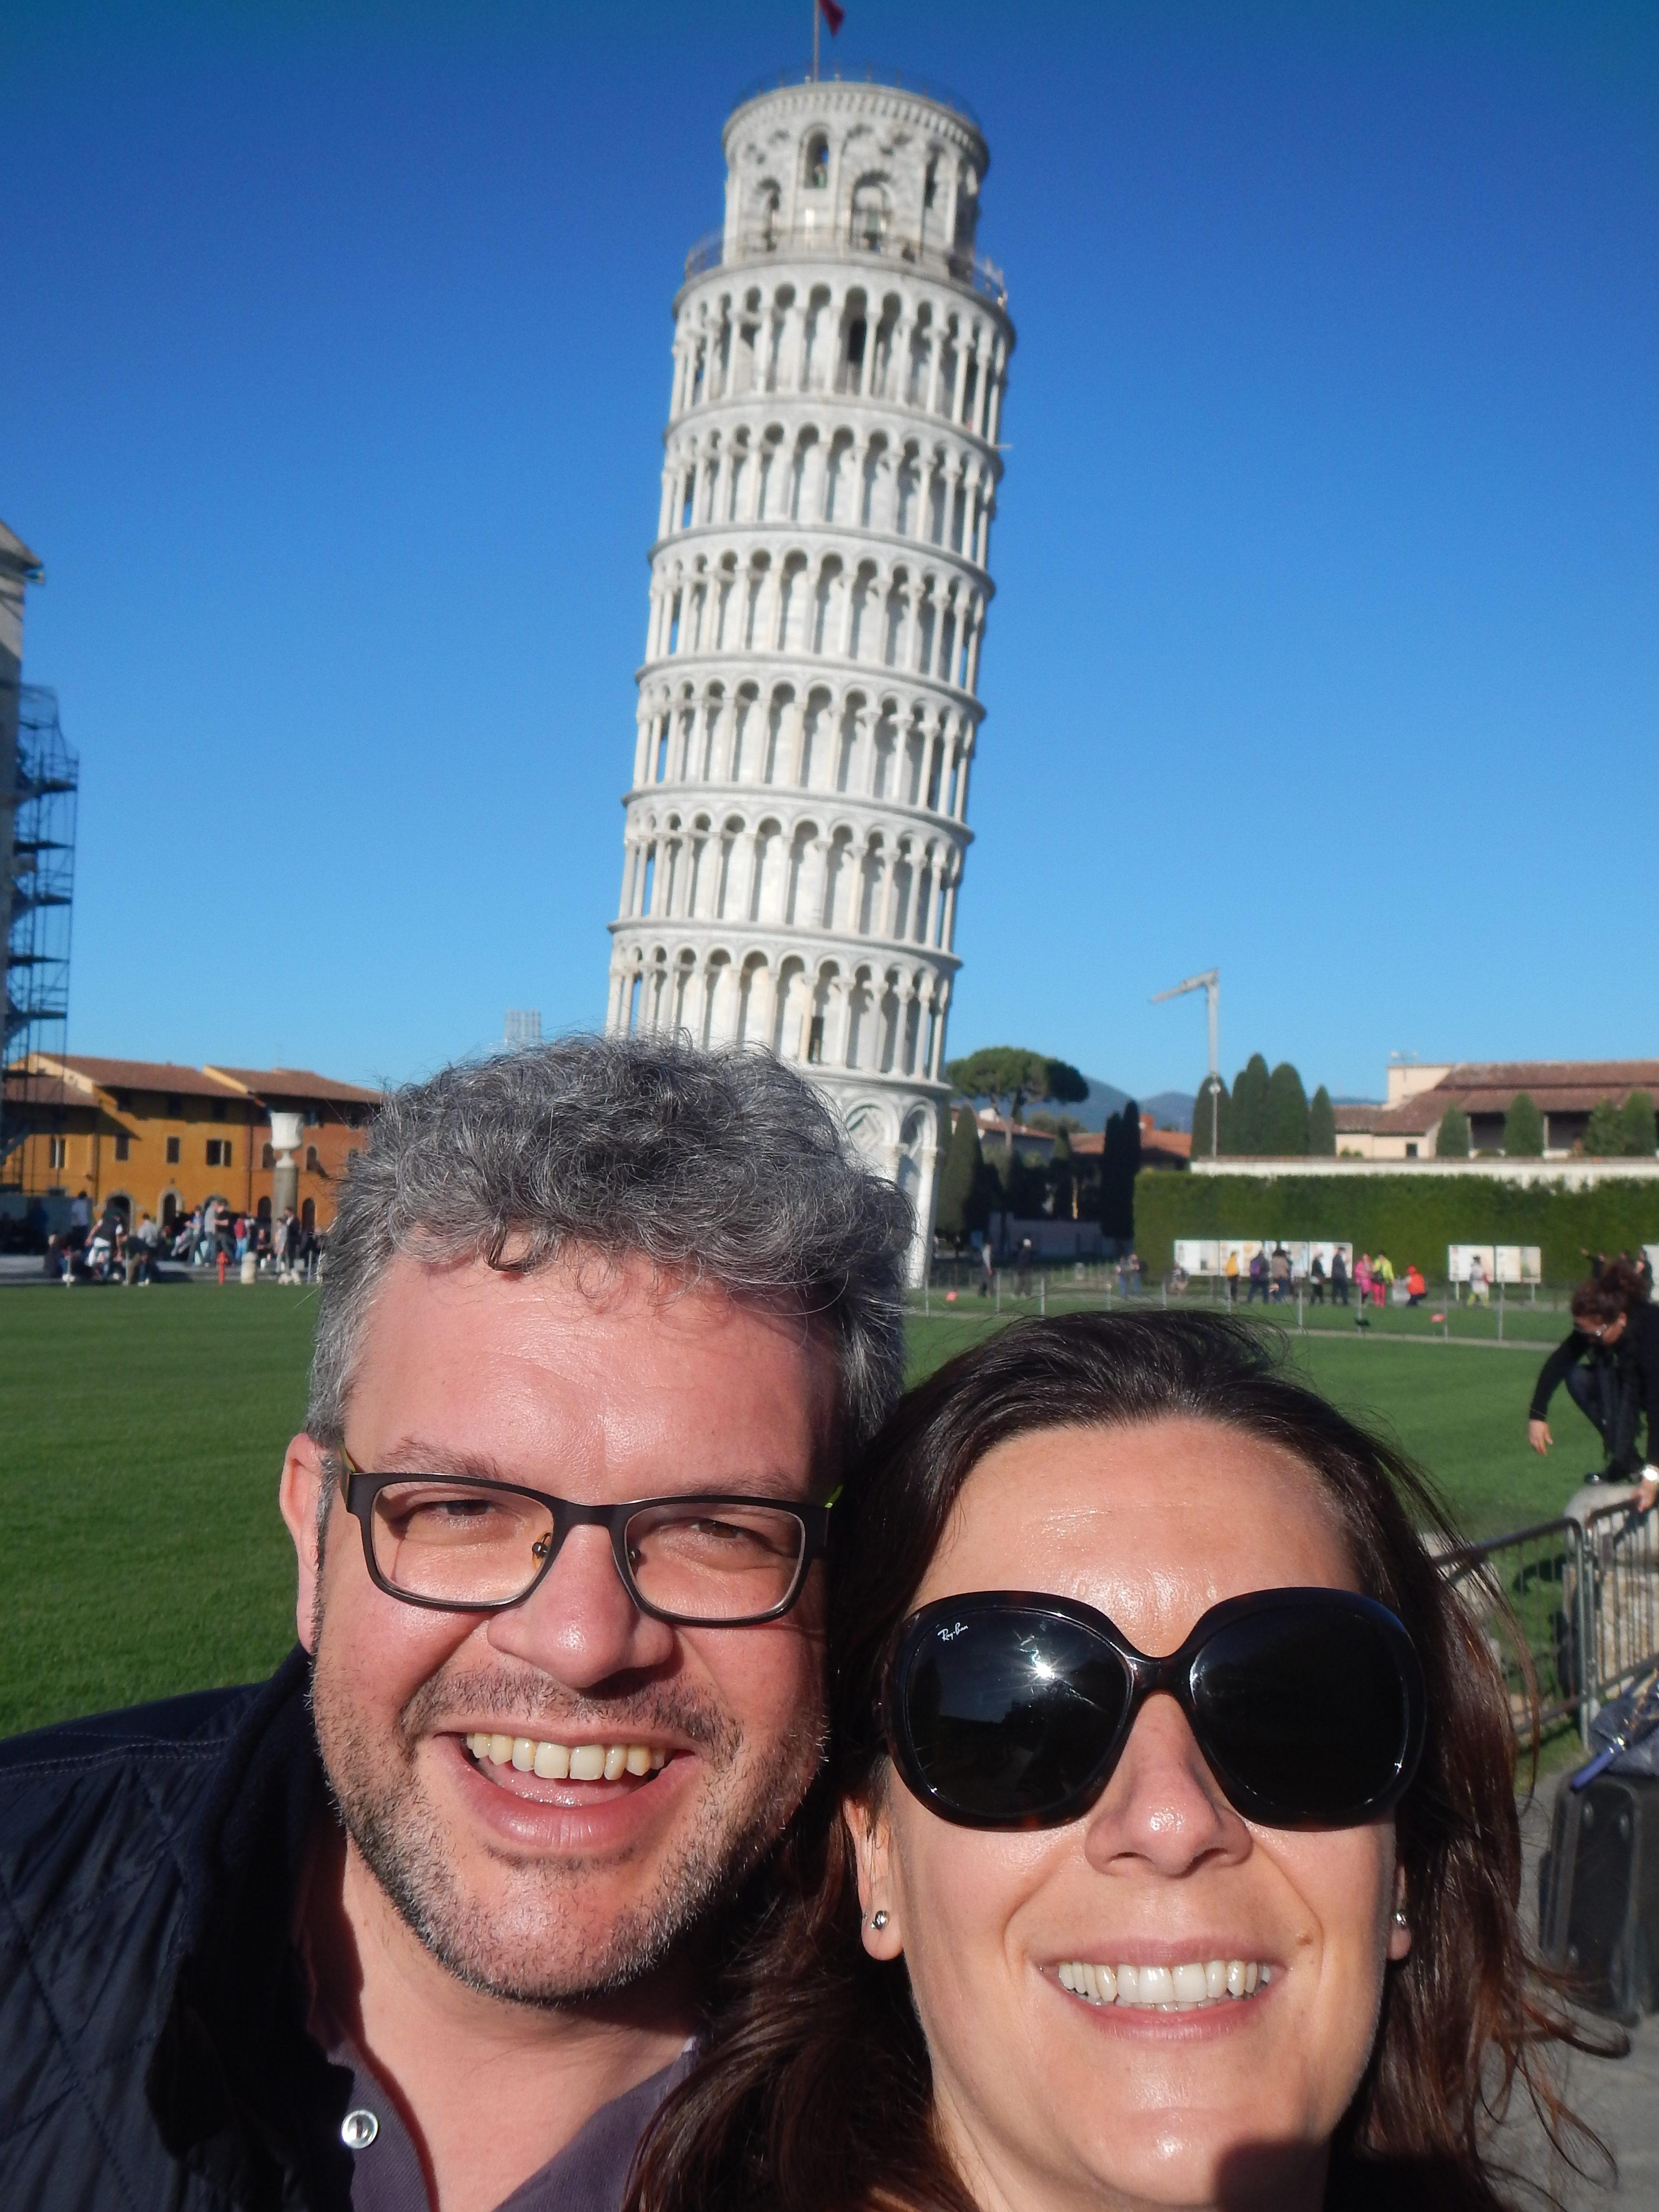 Piccola tappa sul ritorno, Pisa - aprile 2016